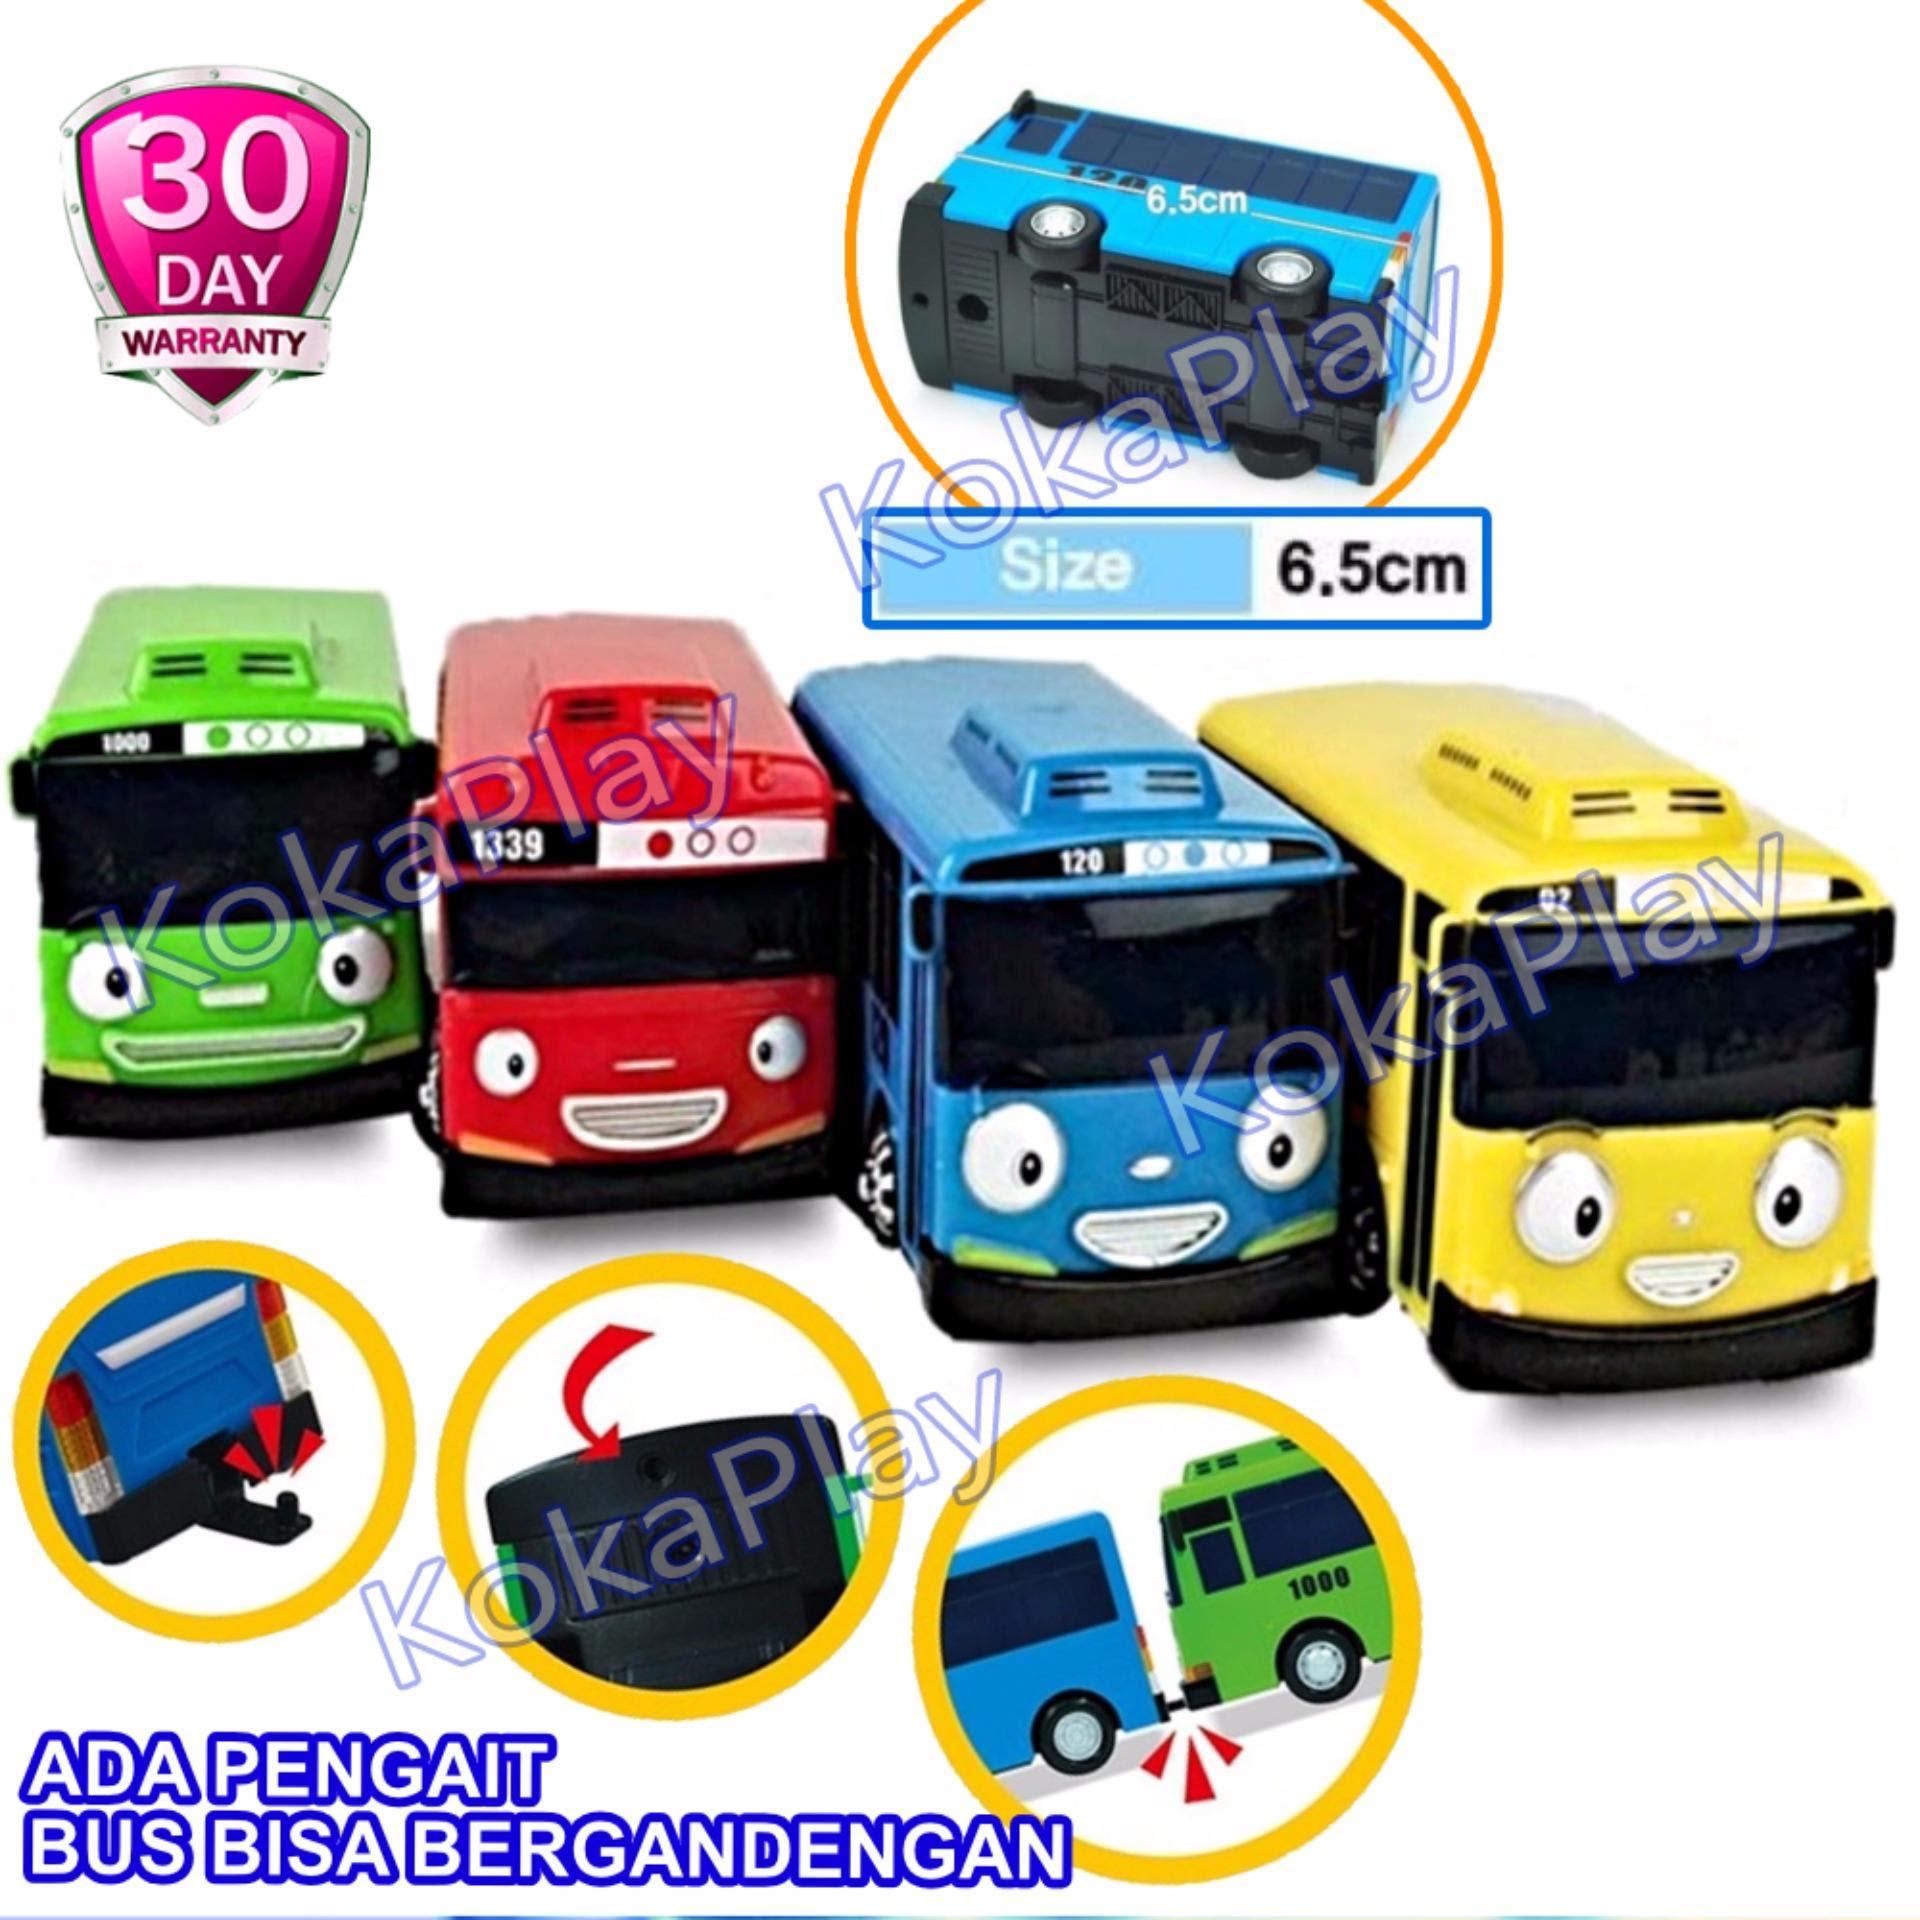 Hemat Tomindo Toys Tayo The Little Bus 1 Dus Is 4 Pcs Paking Dus Pull Back Car Play Set Mainan Anak Mobil Bis Karakter Tayo Rogi Lani Gani 9293 333 003